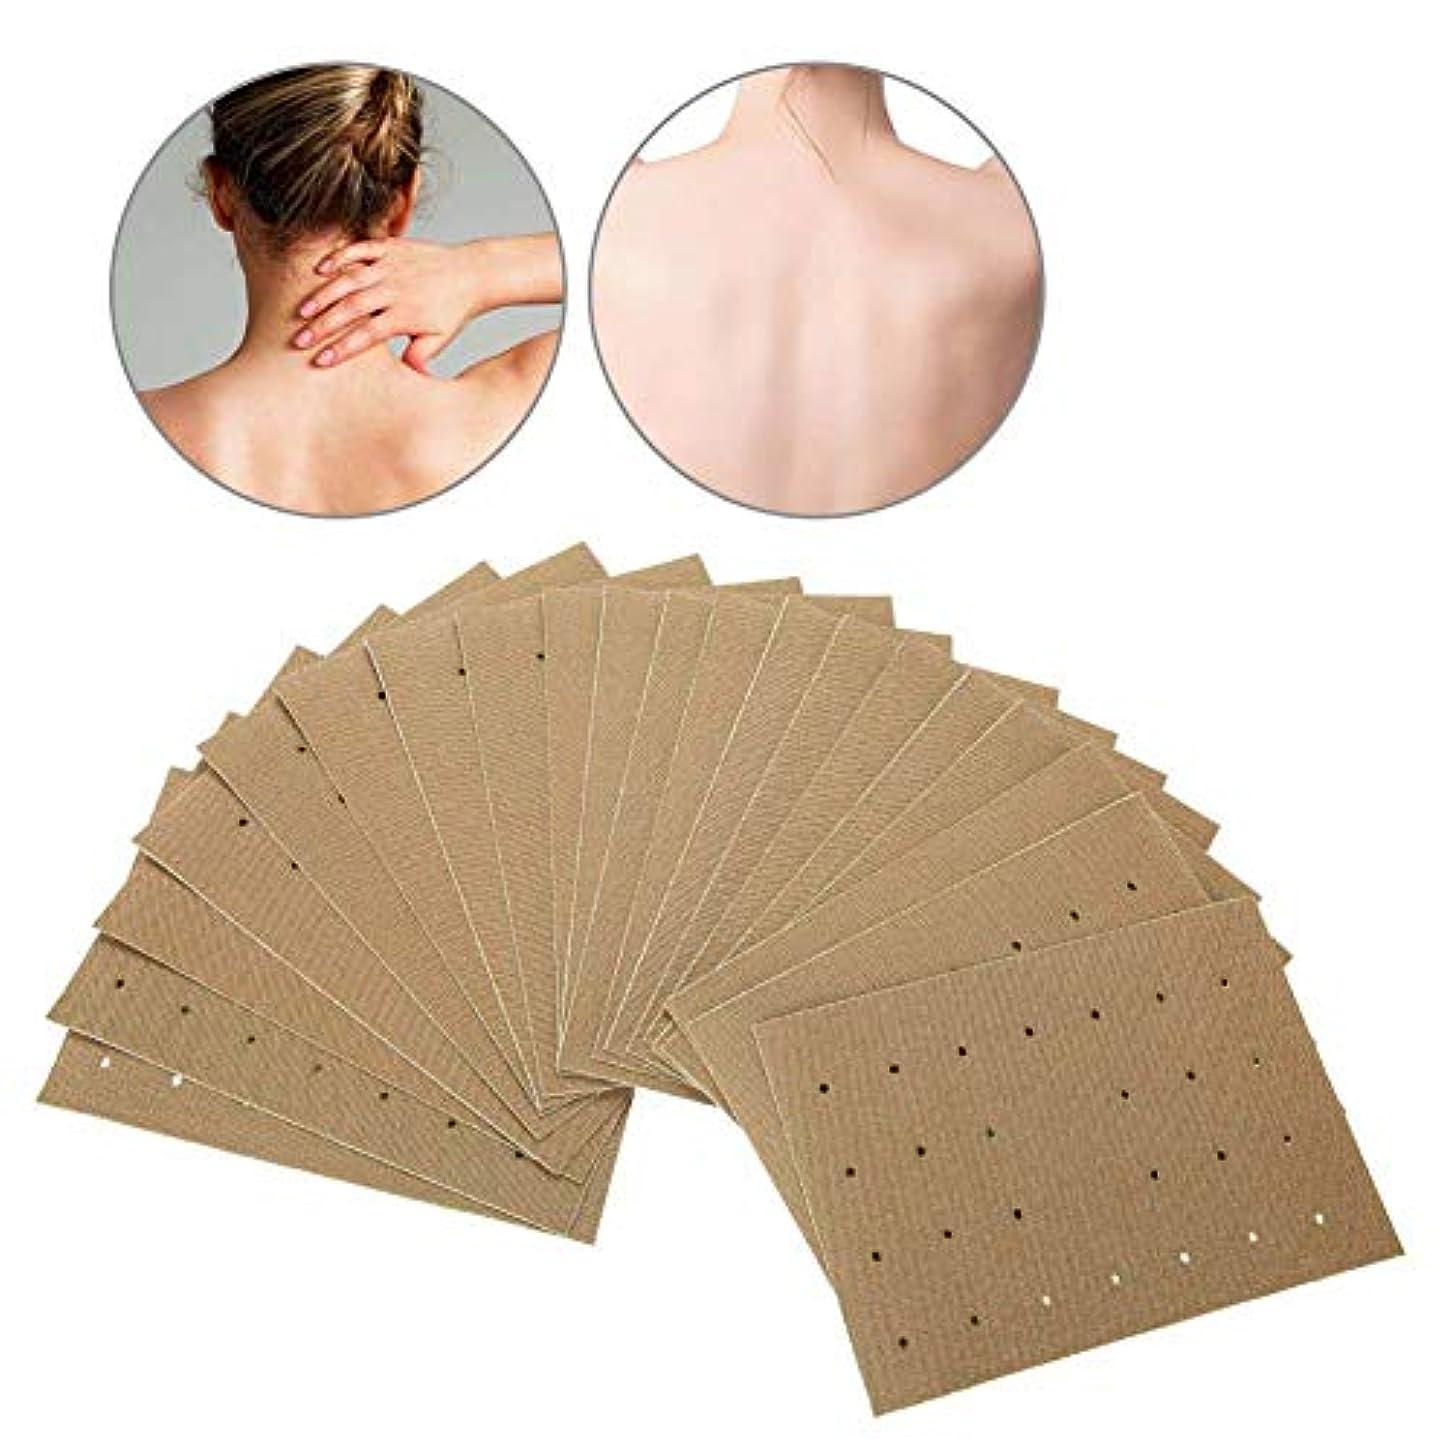 最高なめらかな衣類パッチ灸ステッカー 自己発熱 痛み緩和 ネックショルダーバック痛み緩和 首 背中 腹に適用 20個/箱